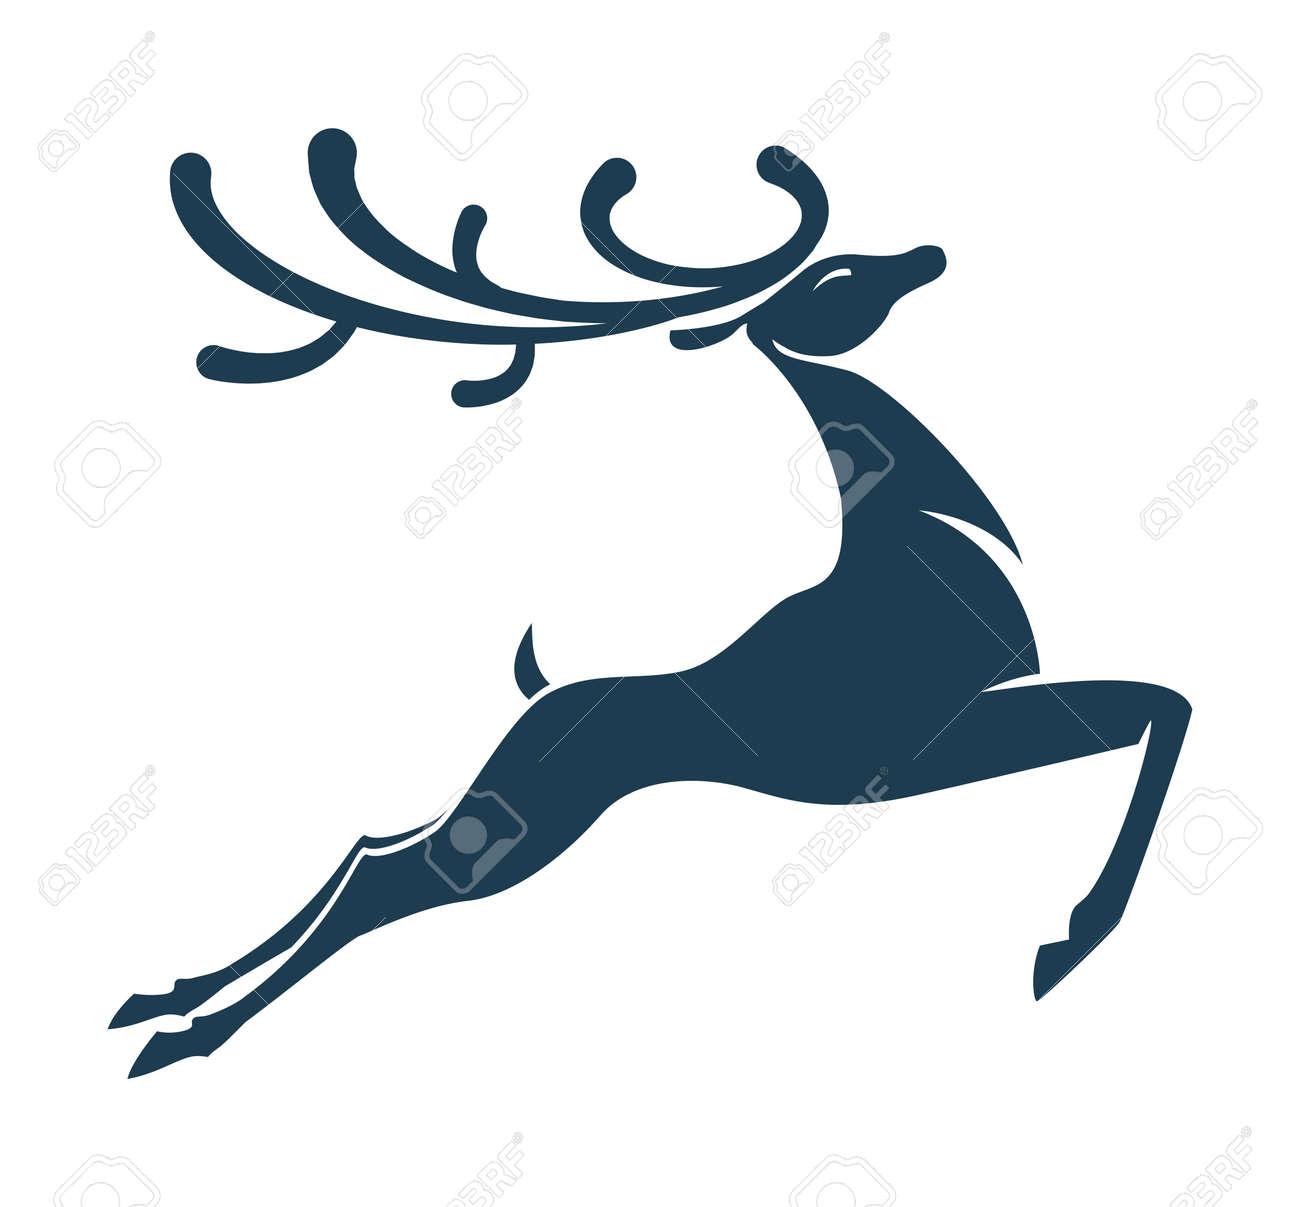 Silueta De Ciervo Navidad O Ano Nuevo Ilustraciones Vectoriales - Ciervo-navidad